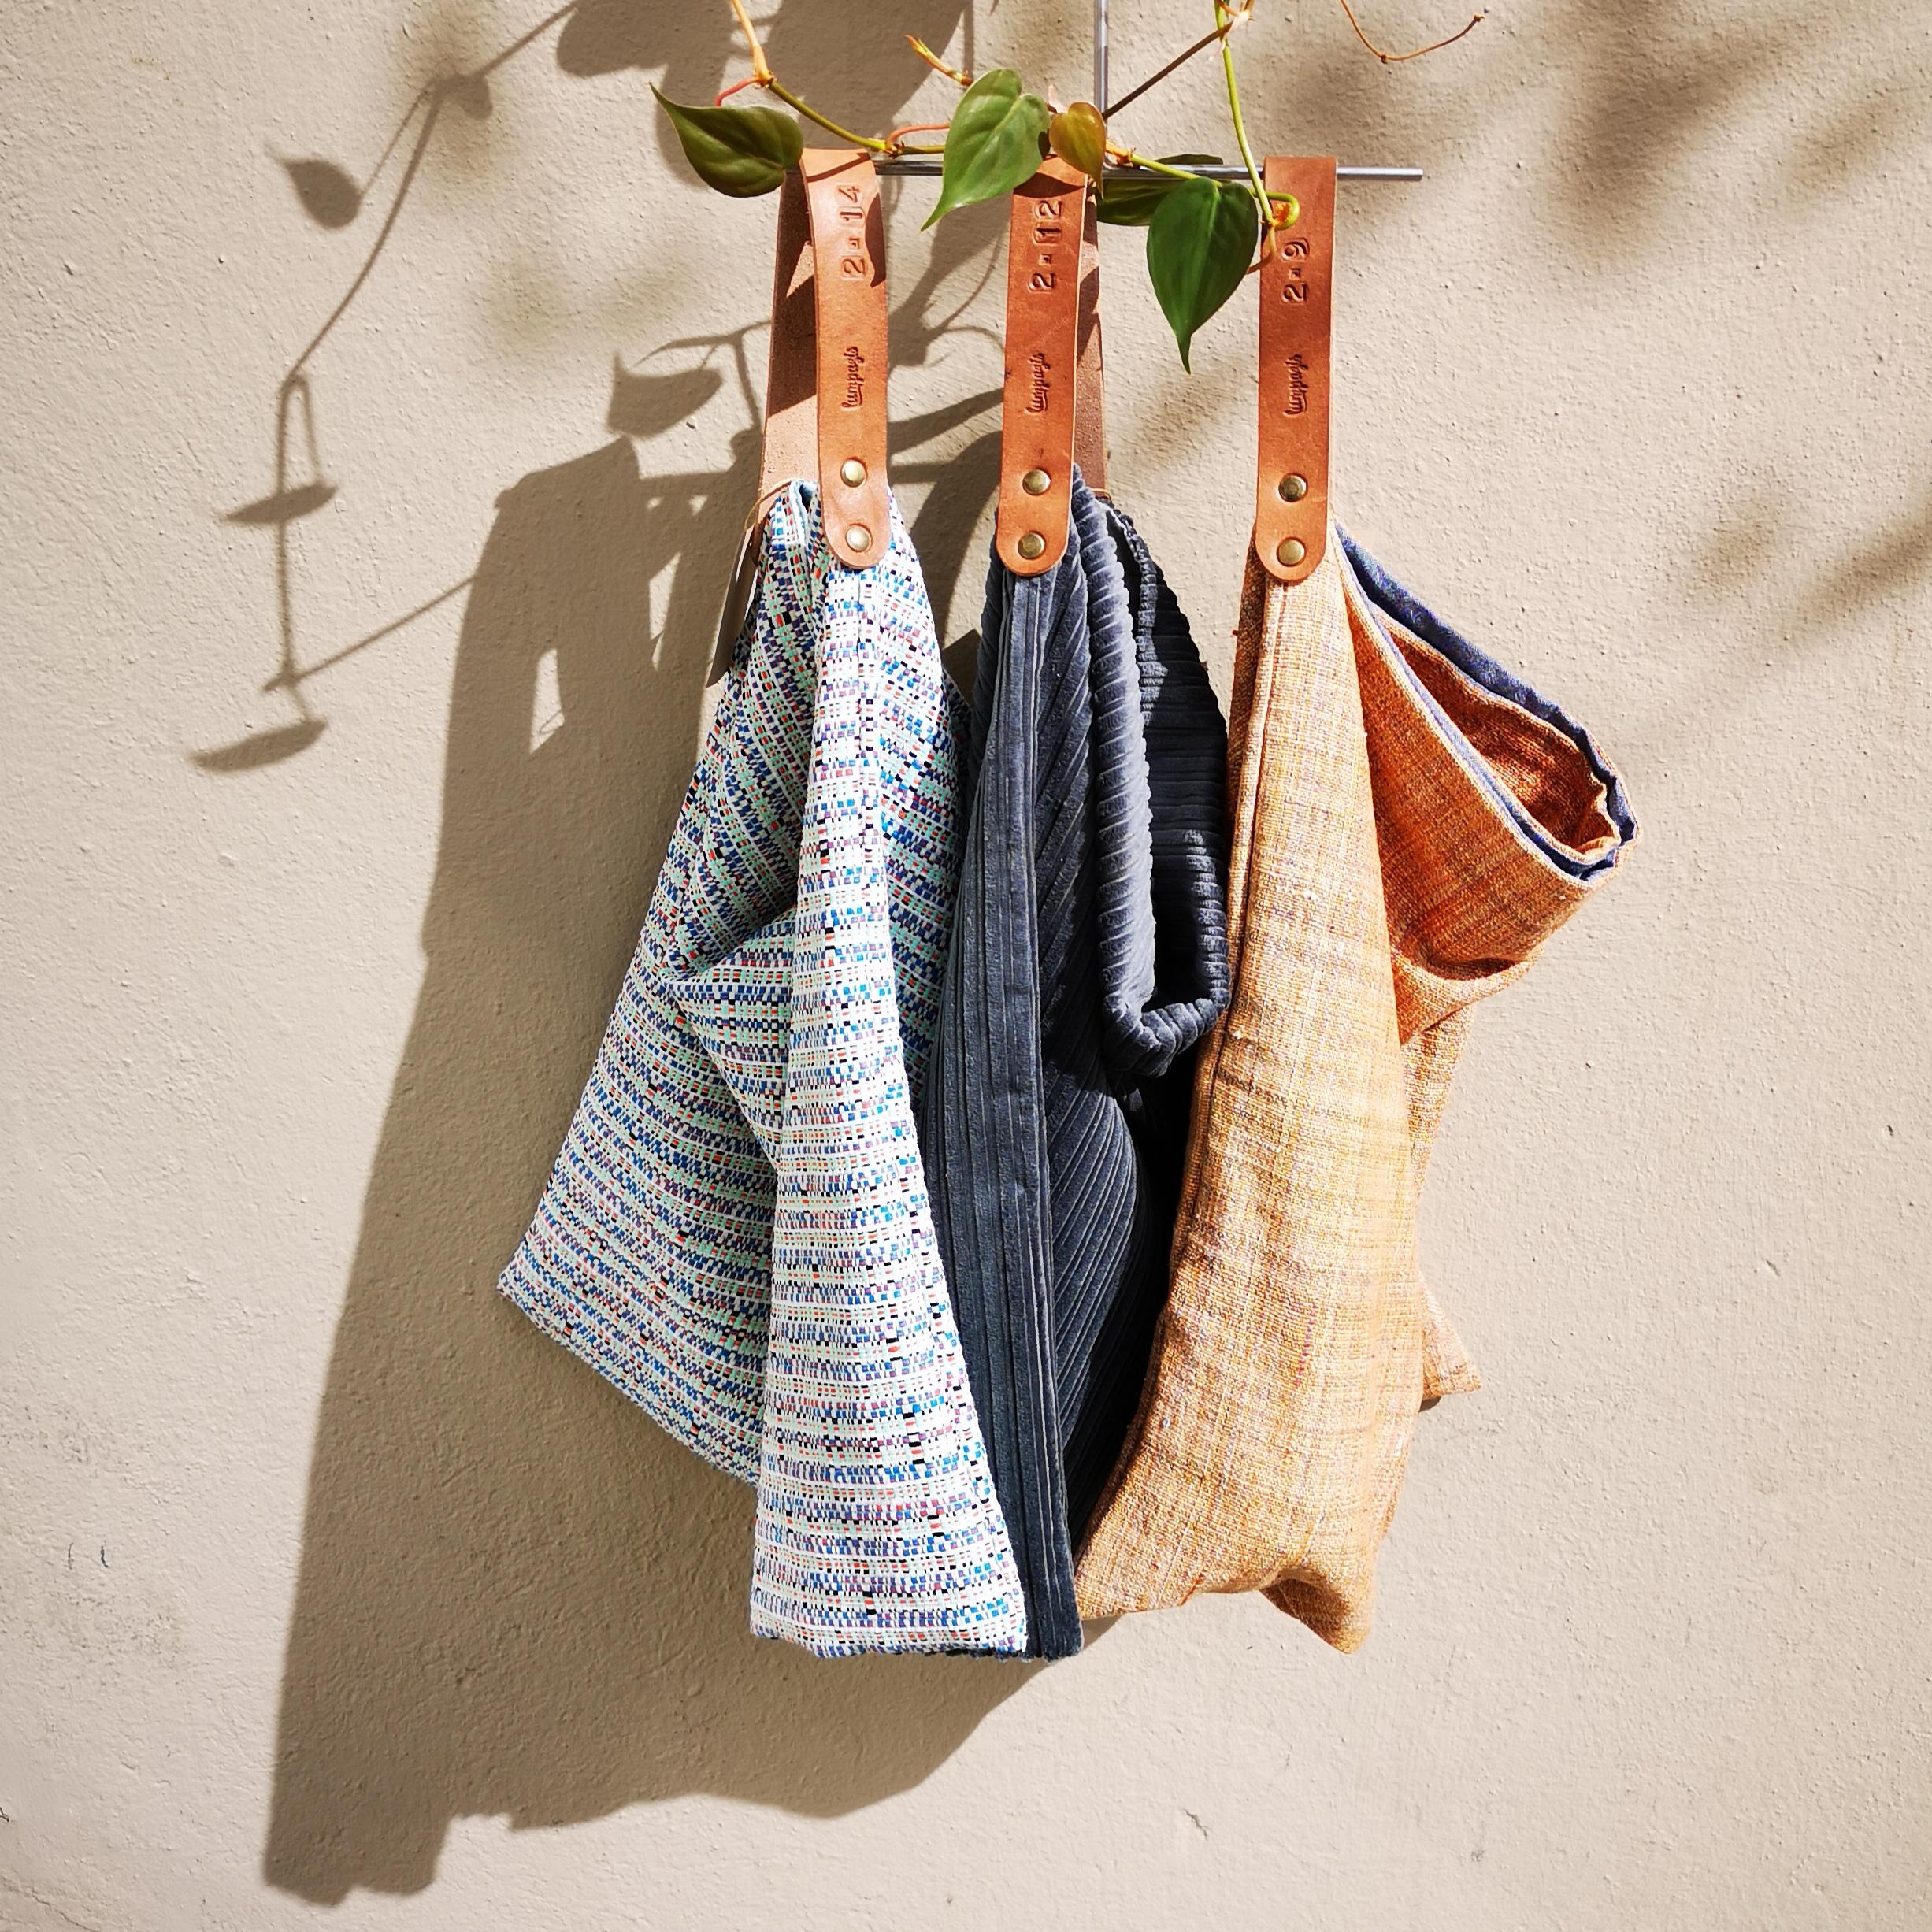 Taschen Lumpazis X Santer